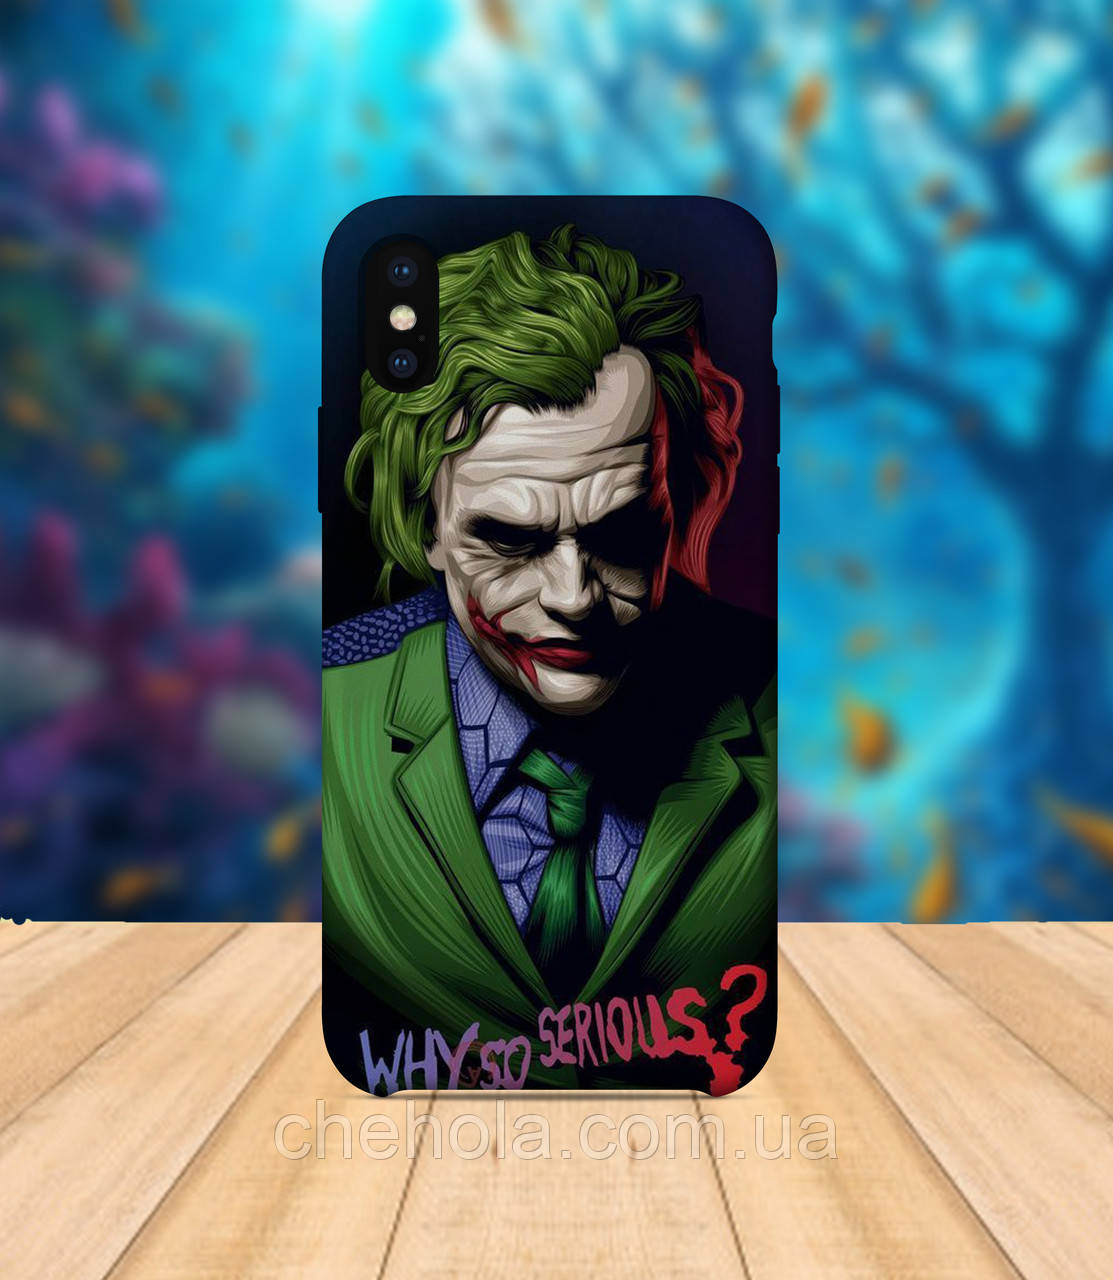 Чехол для apple iphone x XS max Джокер чехол с принтом